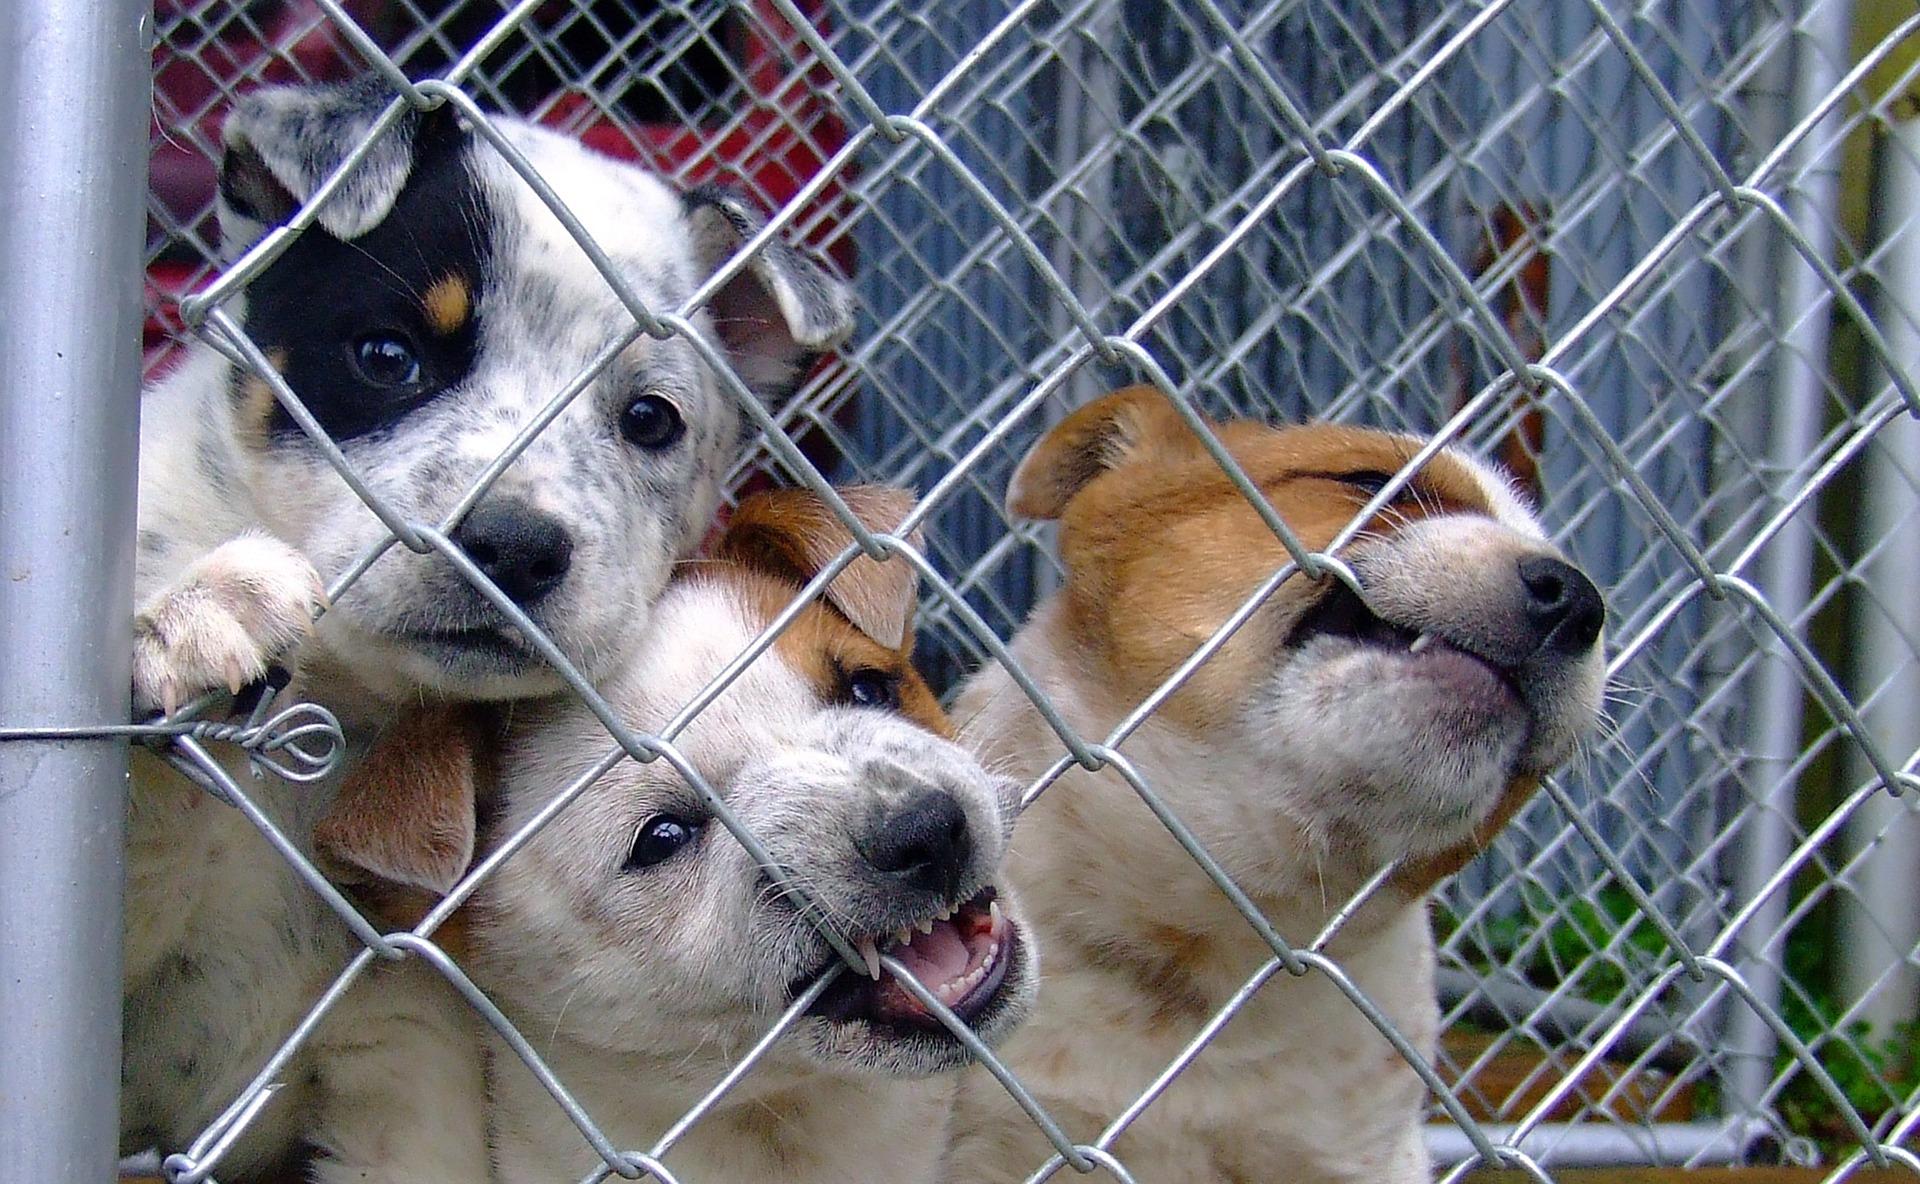 Pes z útulku vám dá bezmeznou lásku. Potřebuje však pevné vedení